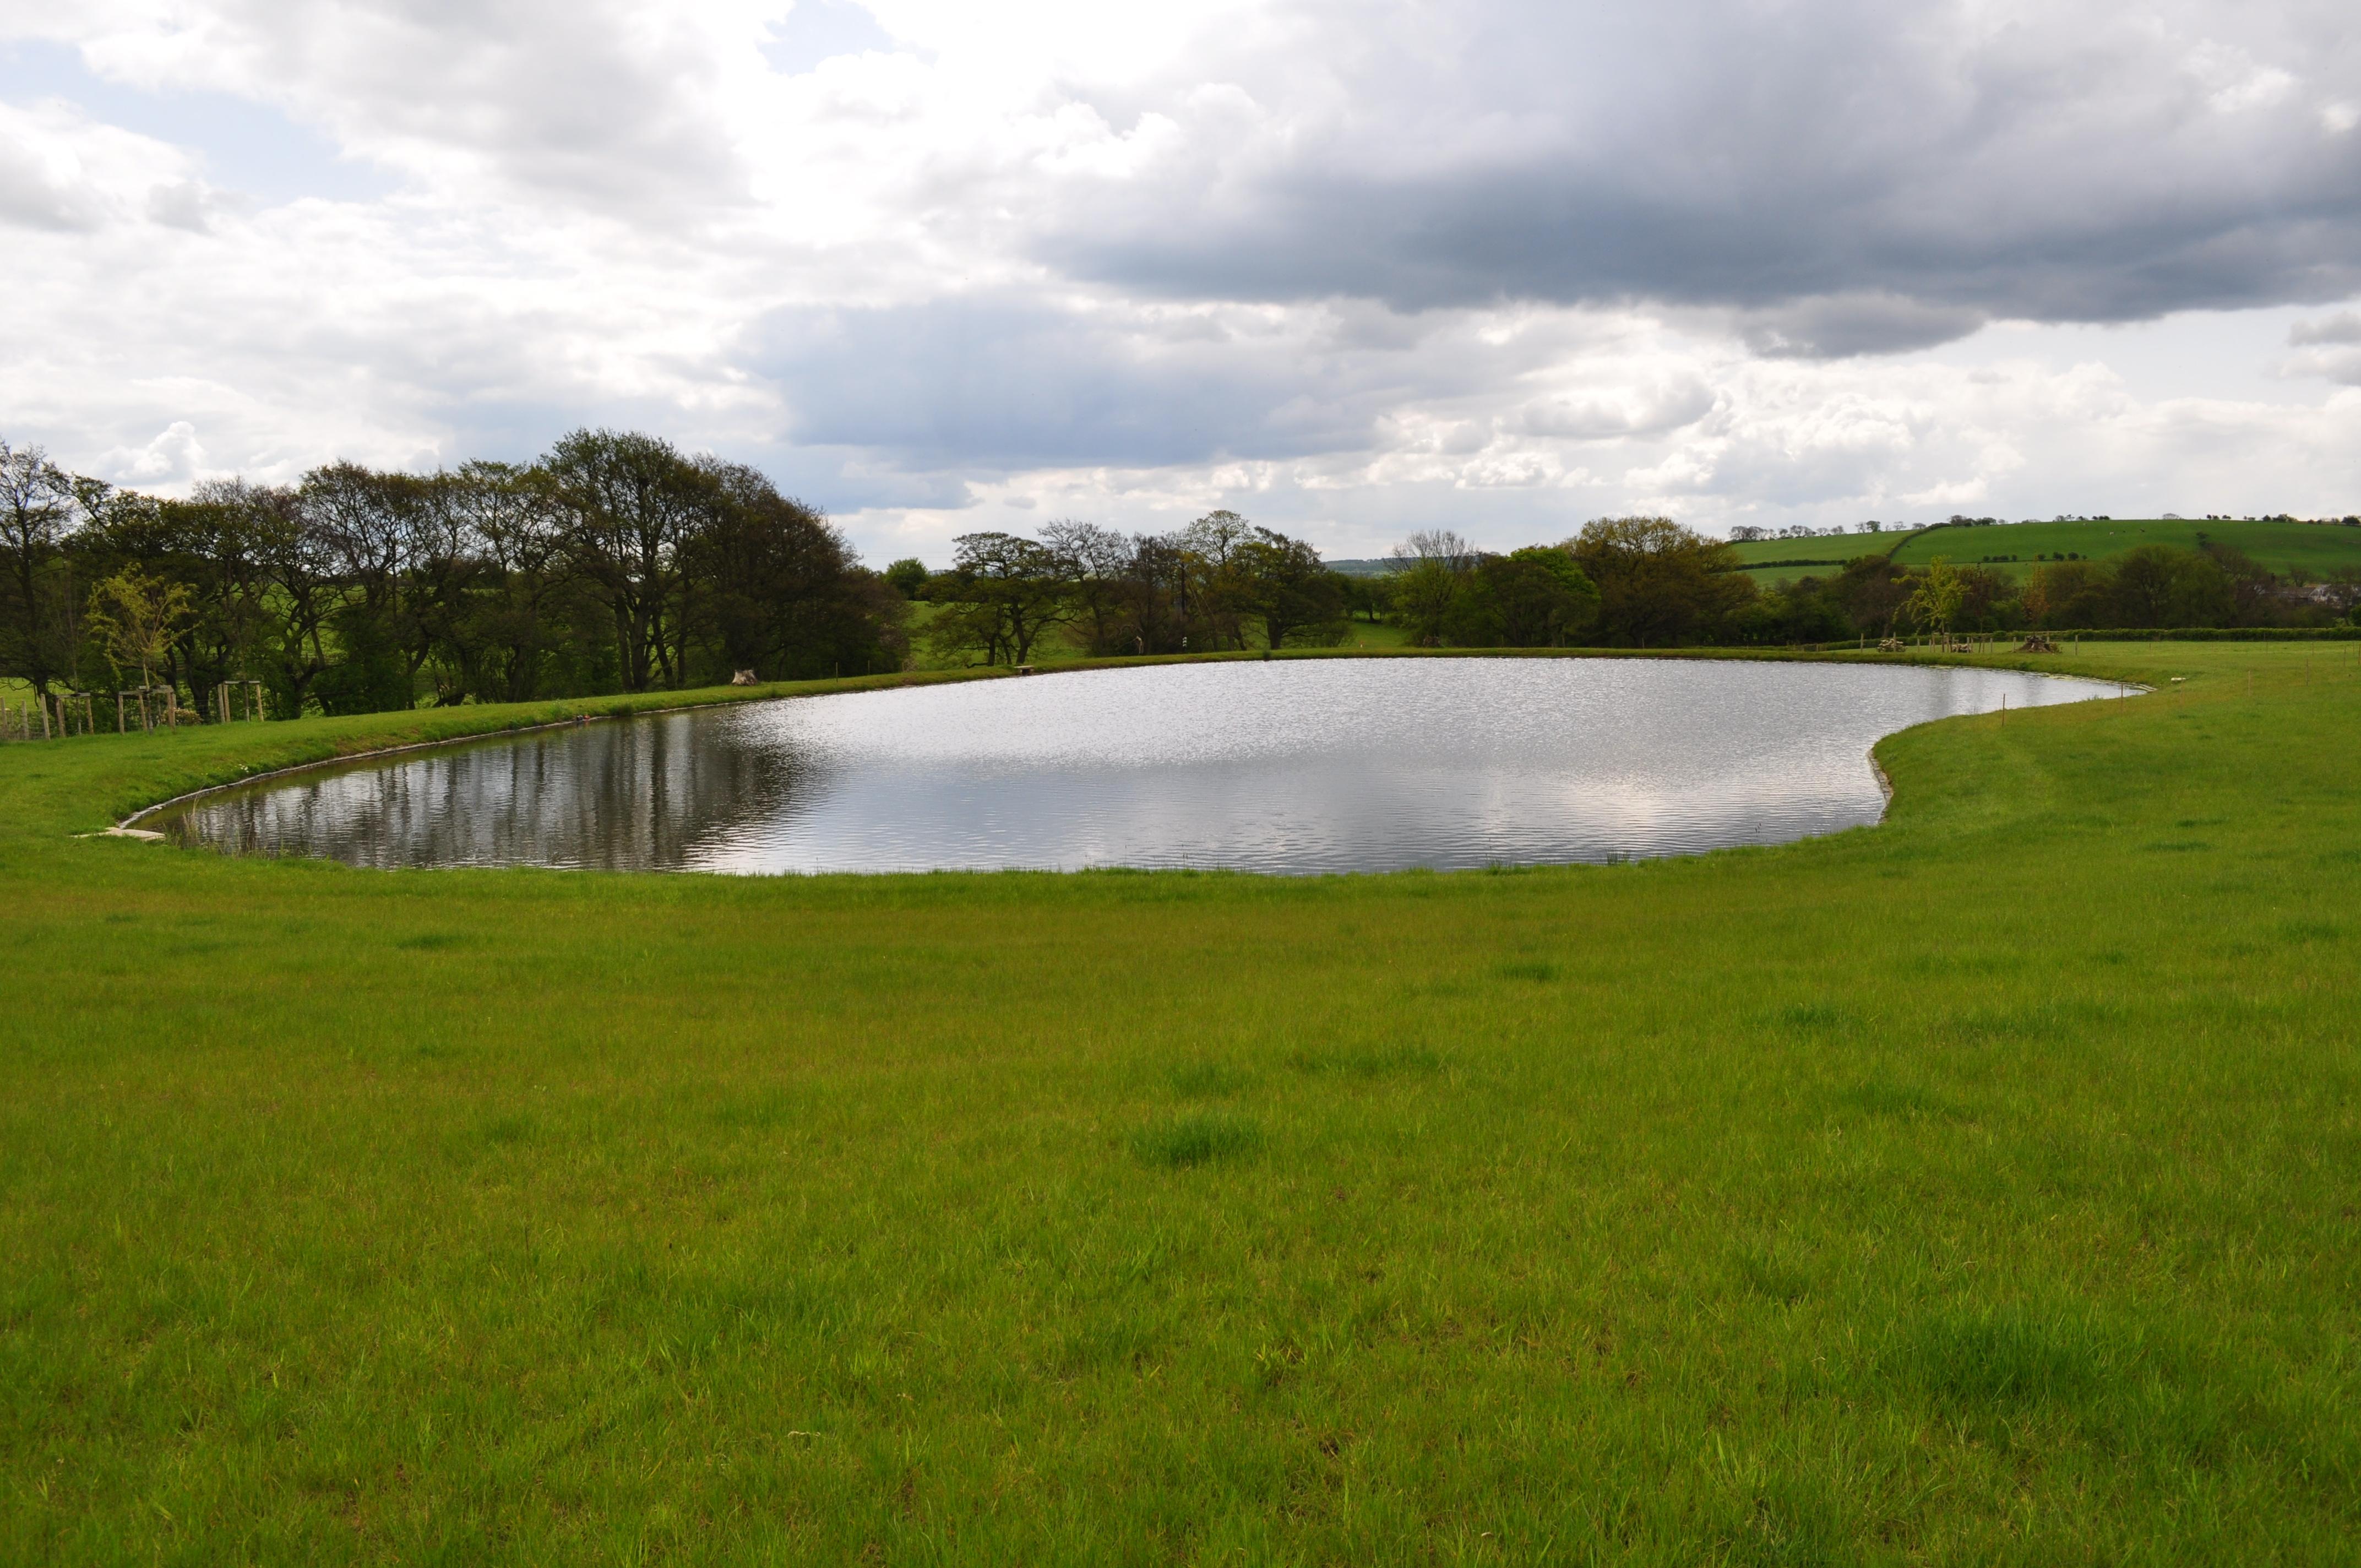 Landscaping Pond Banks : The landscape man habitat aid